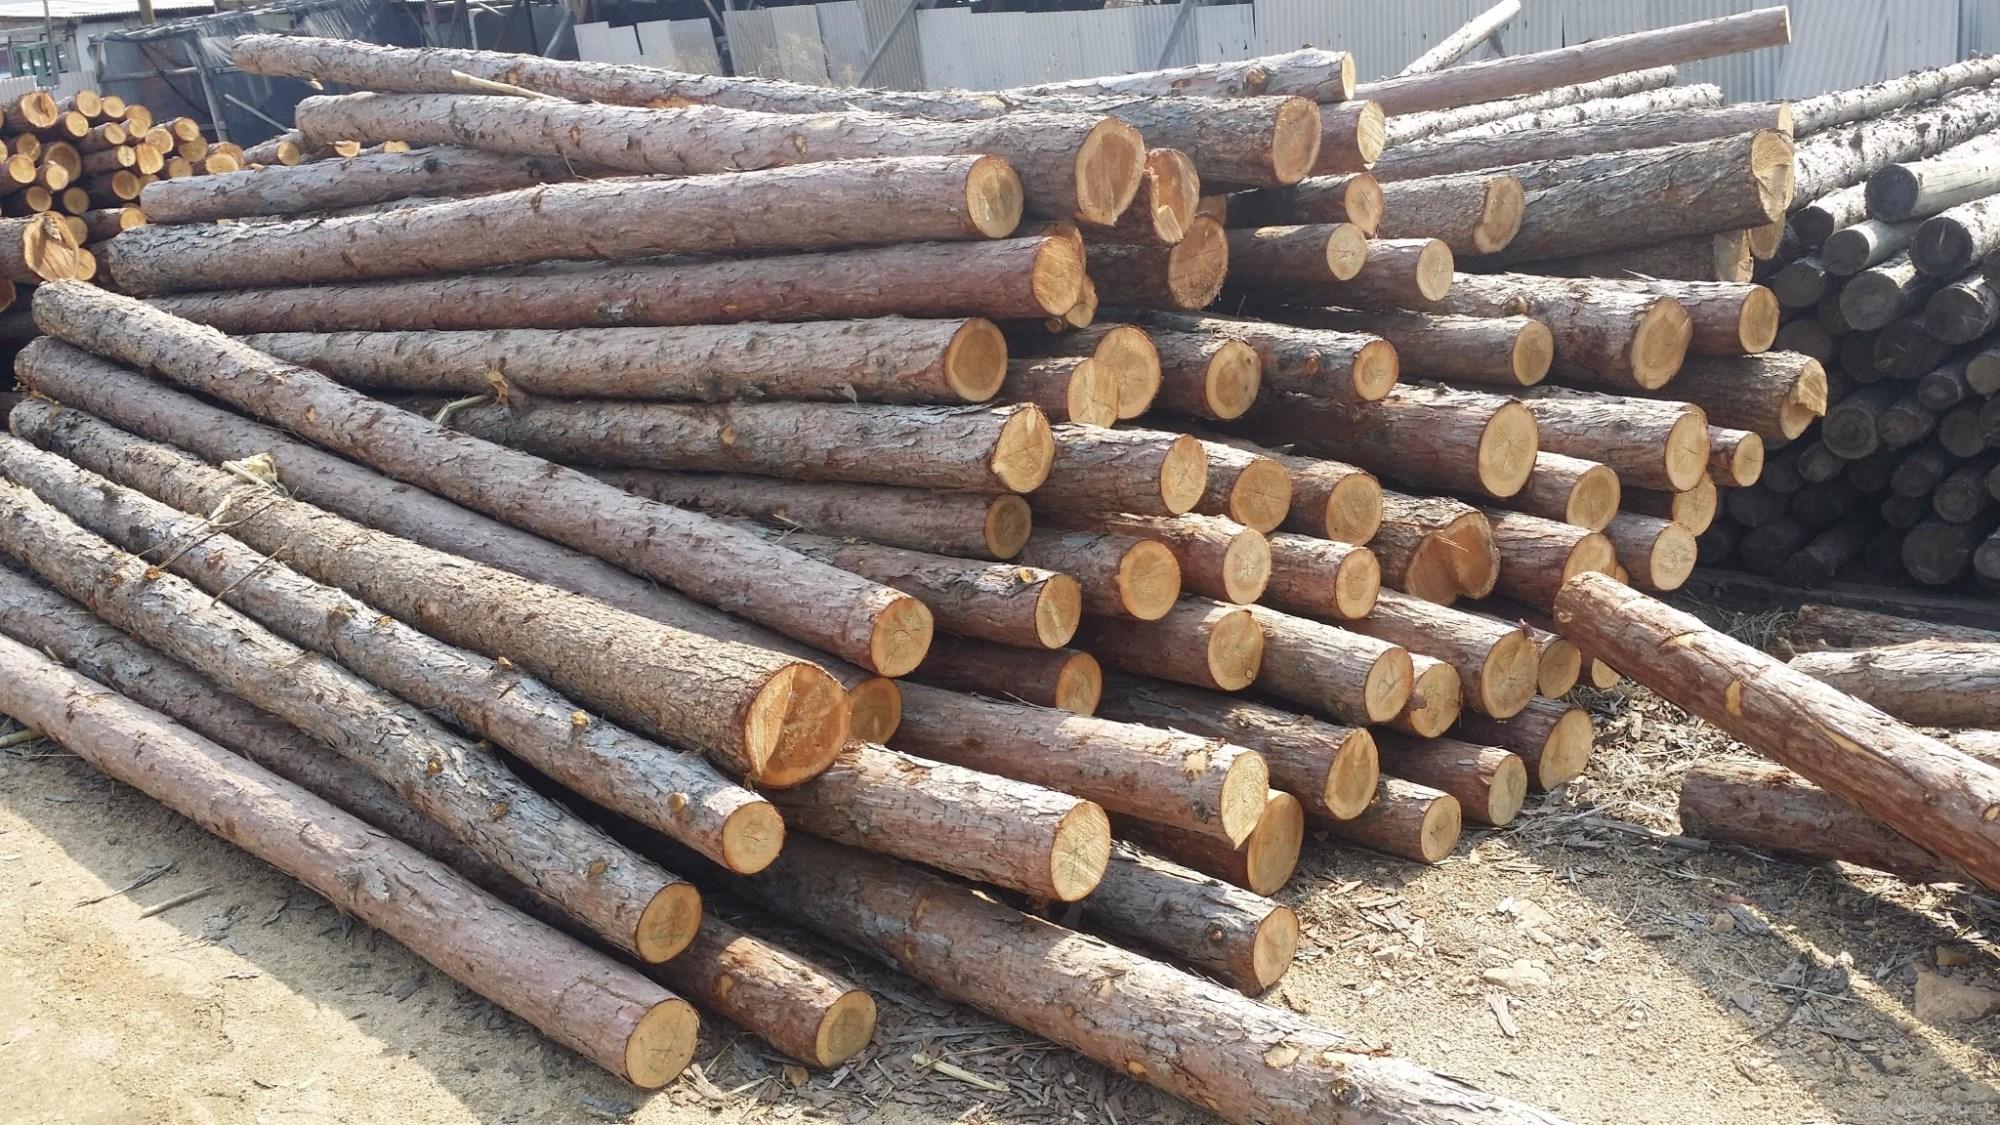 俄羅斯或限制對華木材出口 西伯利亞冷杉精華不受影響